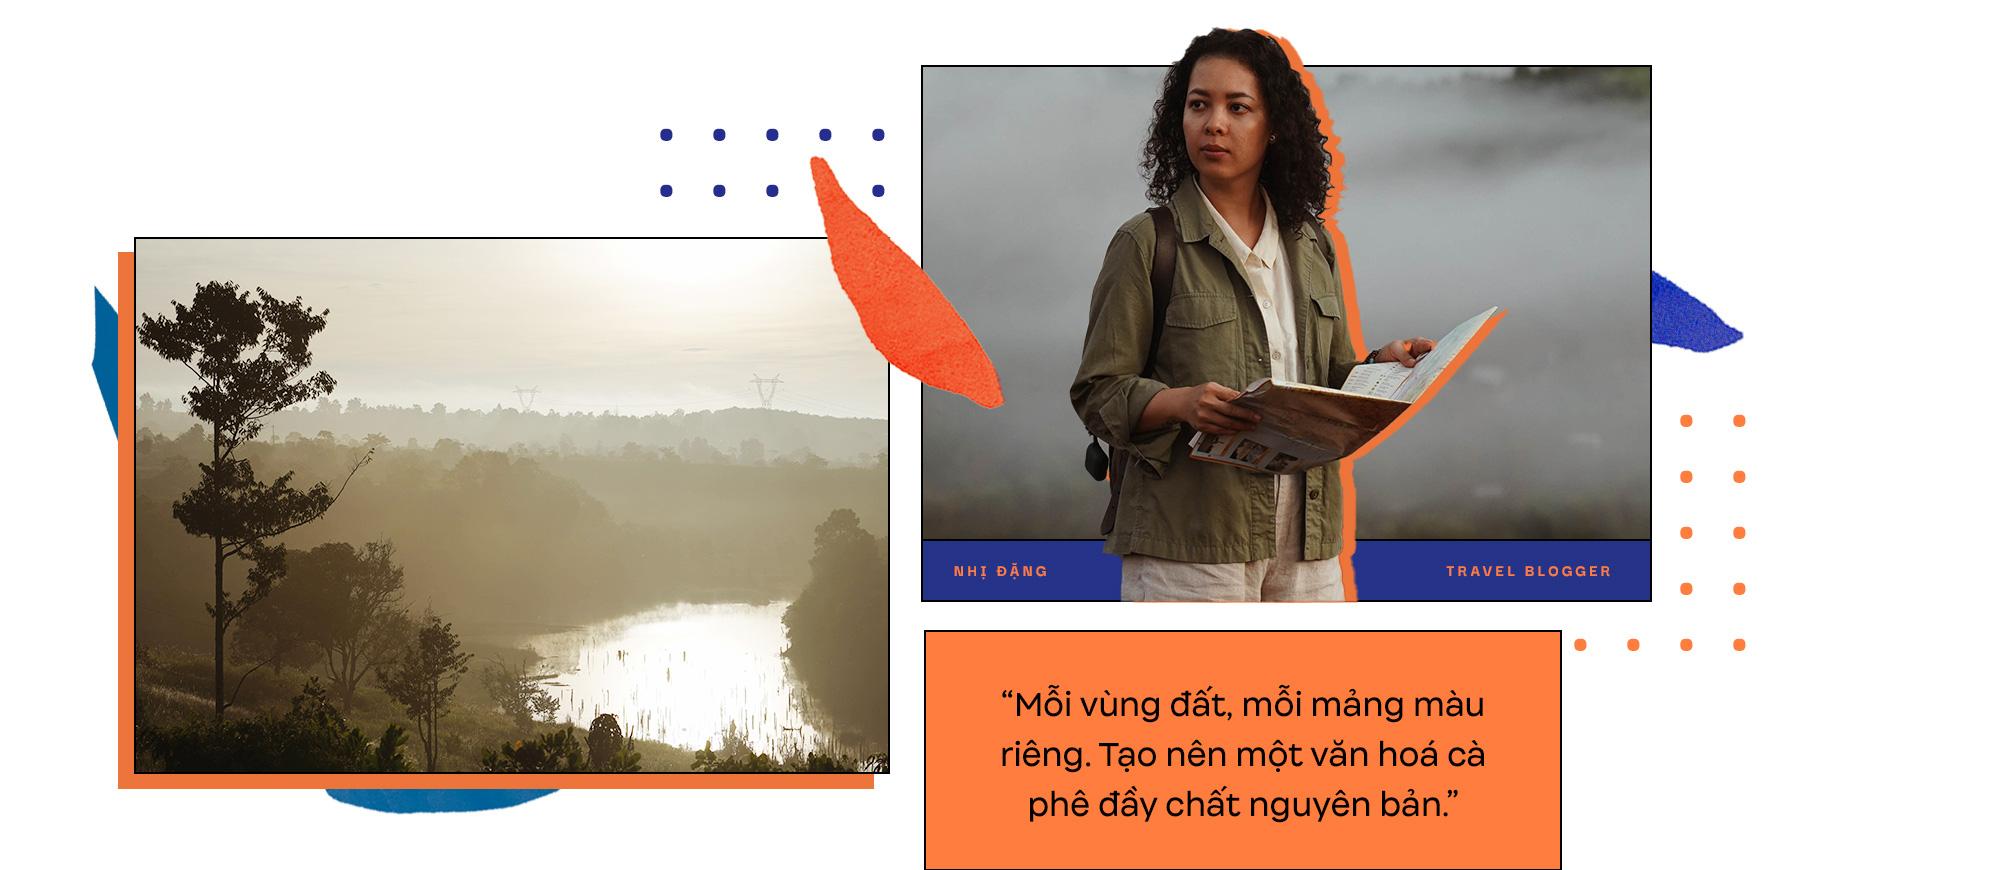 Những vùng đất cà phê Việt Nam hiện lên tuyệt đẹp qua góc nhìn của travel blogger Nhị Đặng: Nước mình còn nhiều nơi phải đi đến thế! - Ảnh 3.